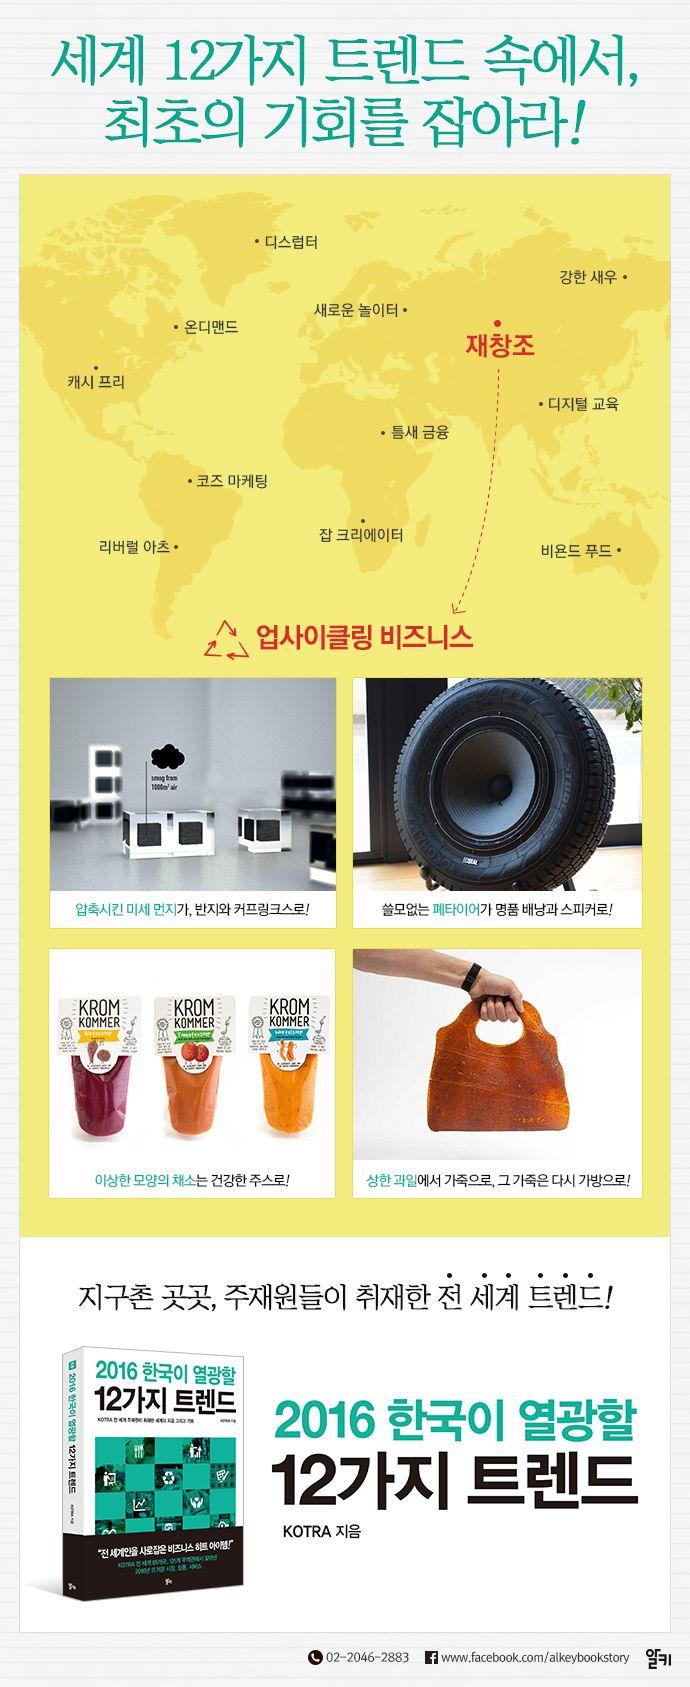 [도서] 2016 한국이 열광할 12가지 트렌드, KOTRA 저, 9788952775115 | YES24 상품정보